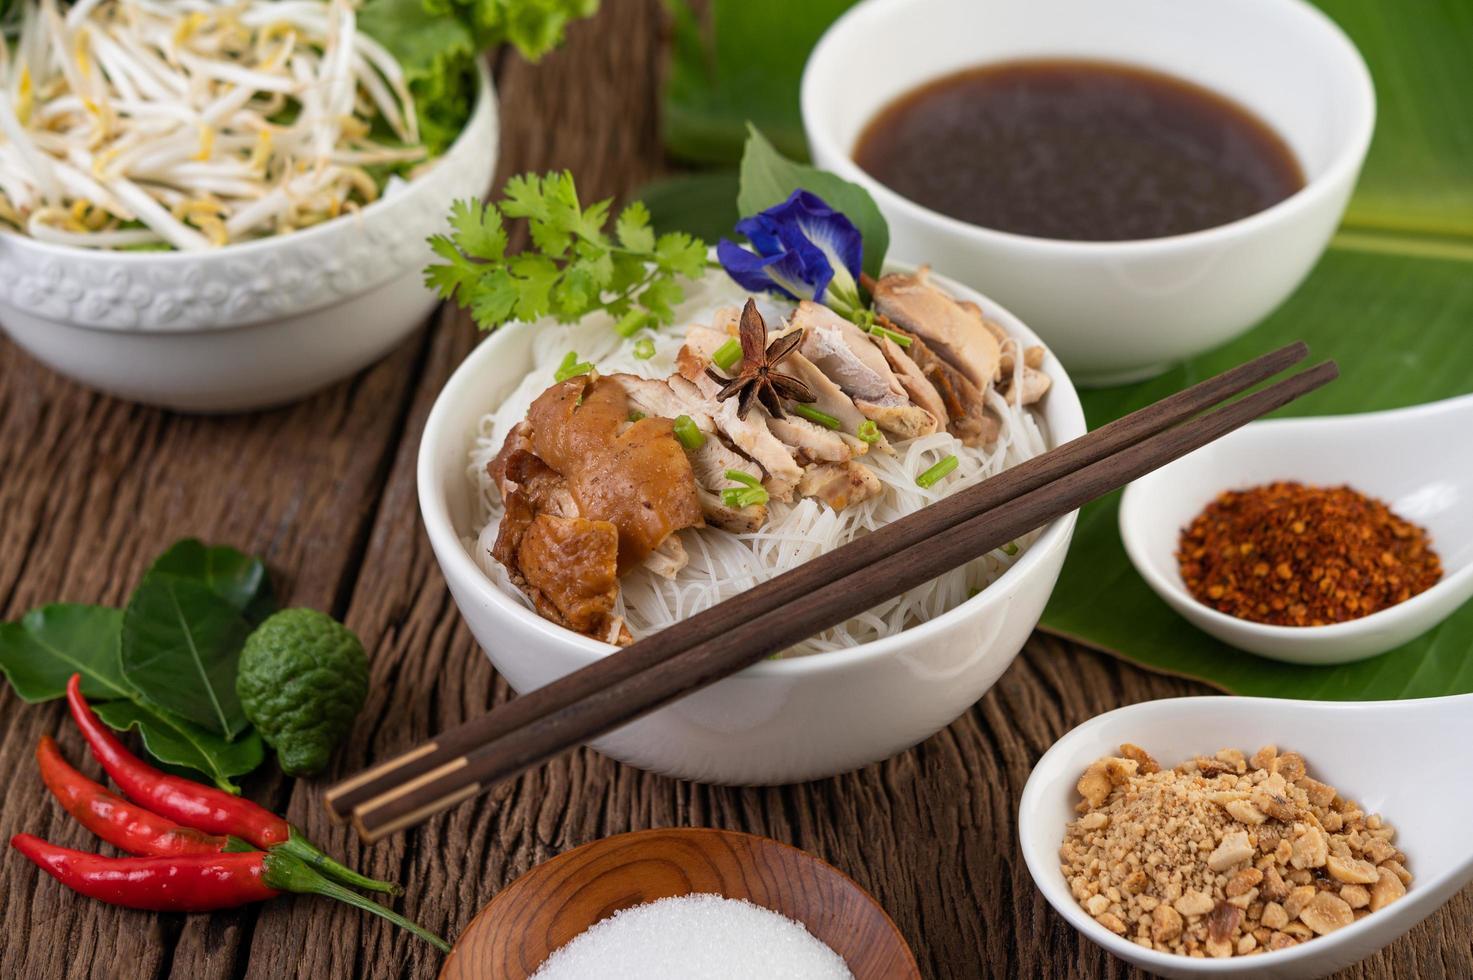 Hühnernudeln in einer Schüssel mit thailändischen Beilagen foto